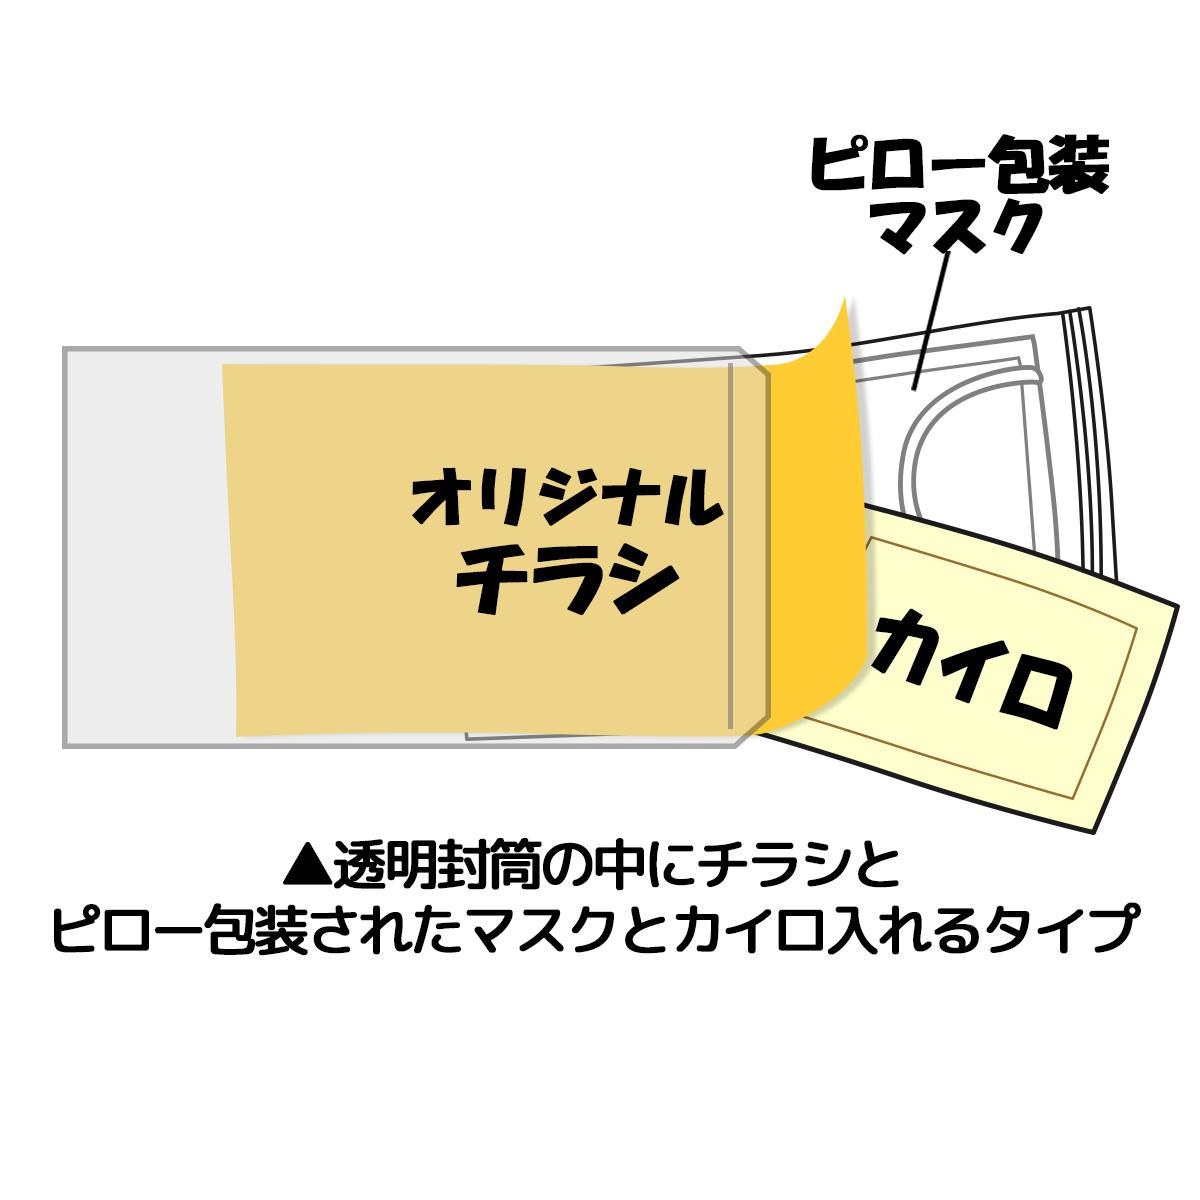 102000109_011.jpg